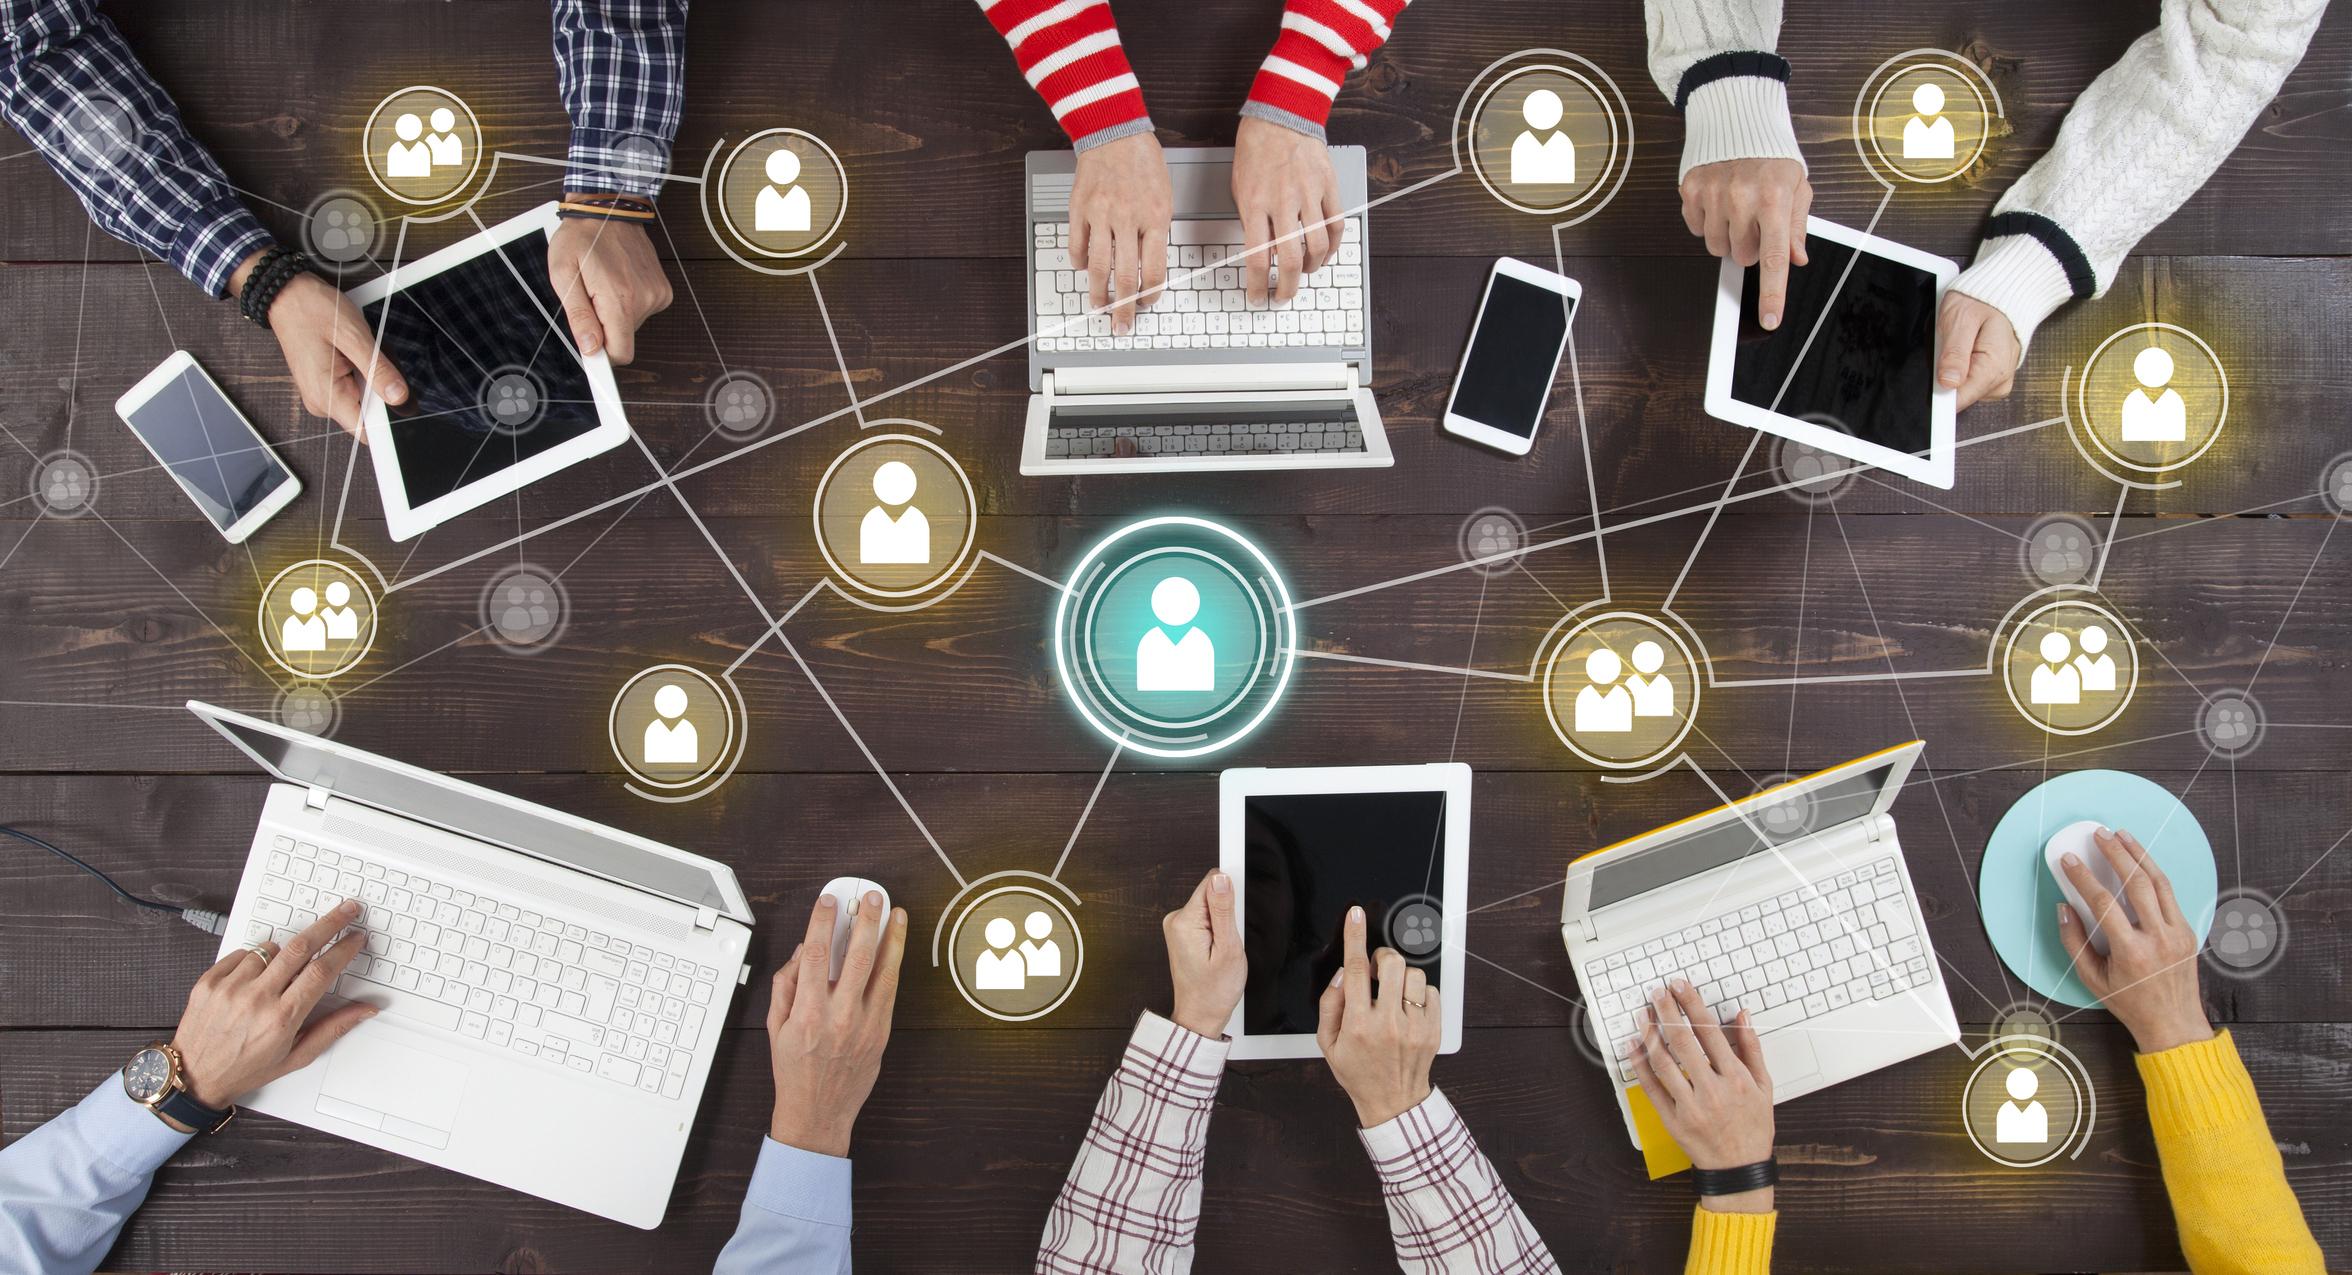 Коммуникация с клиентами во время кризиса: как вести себя бизнесу